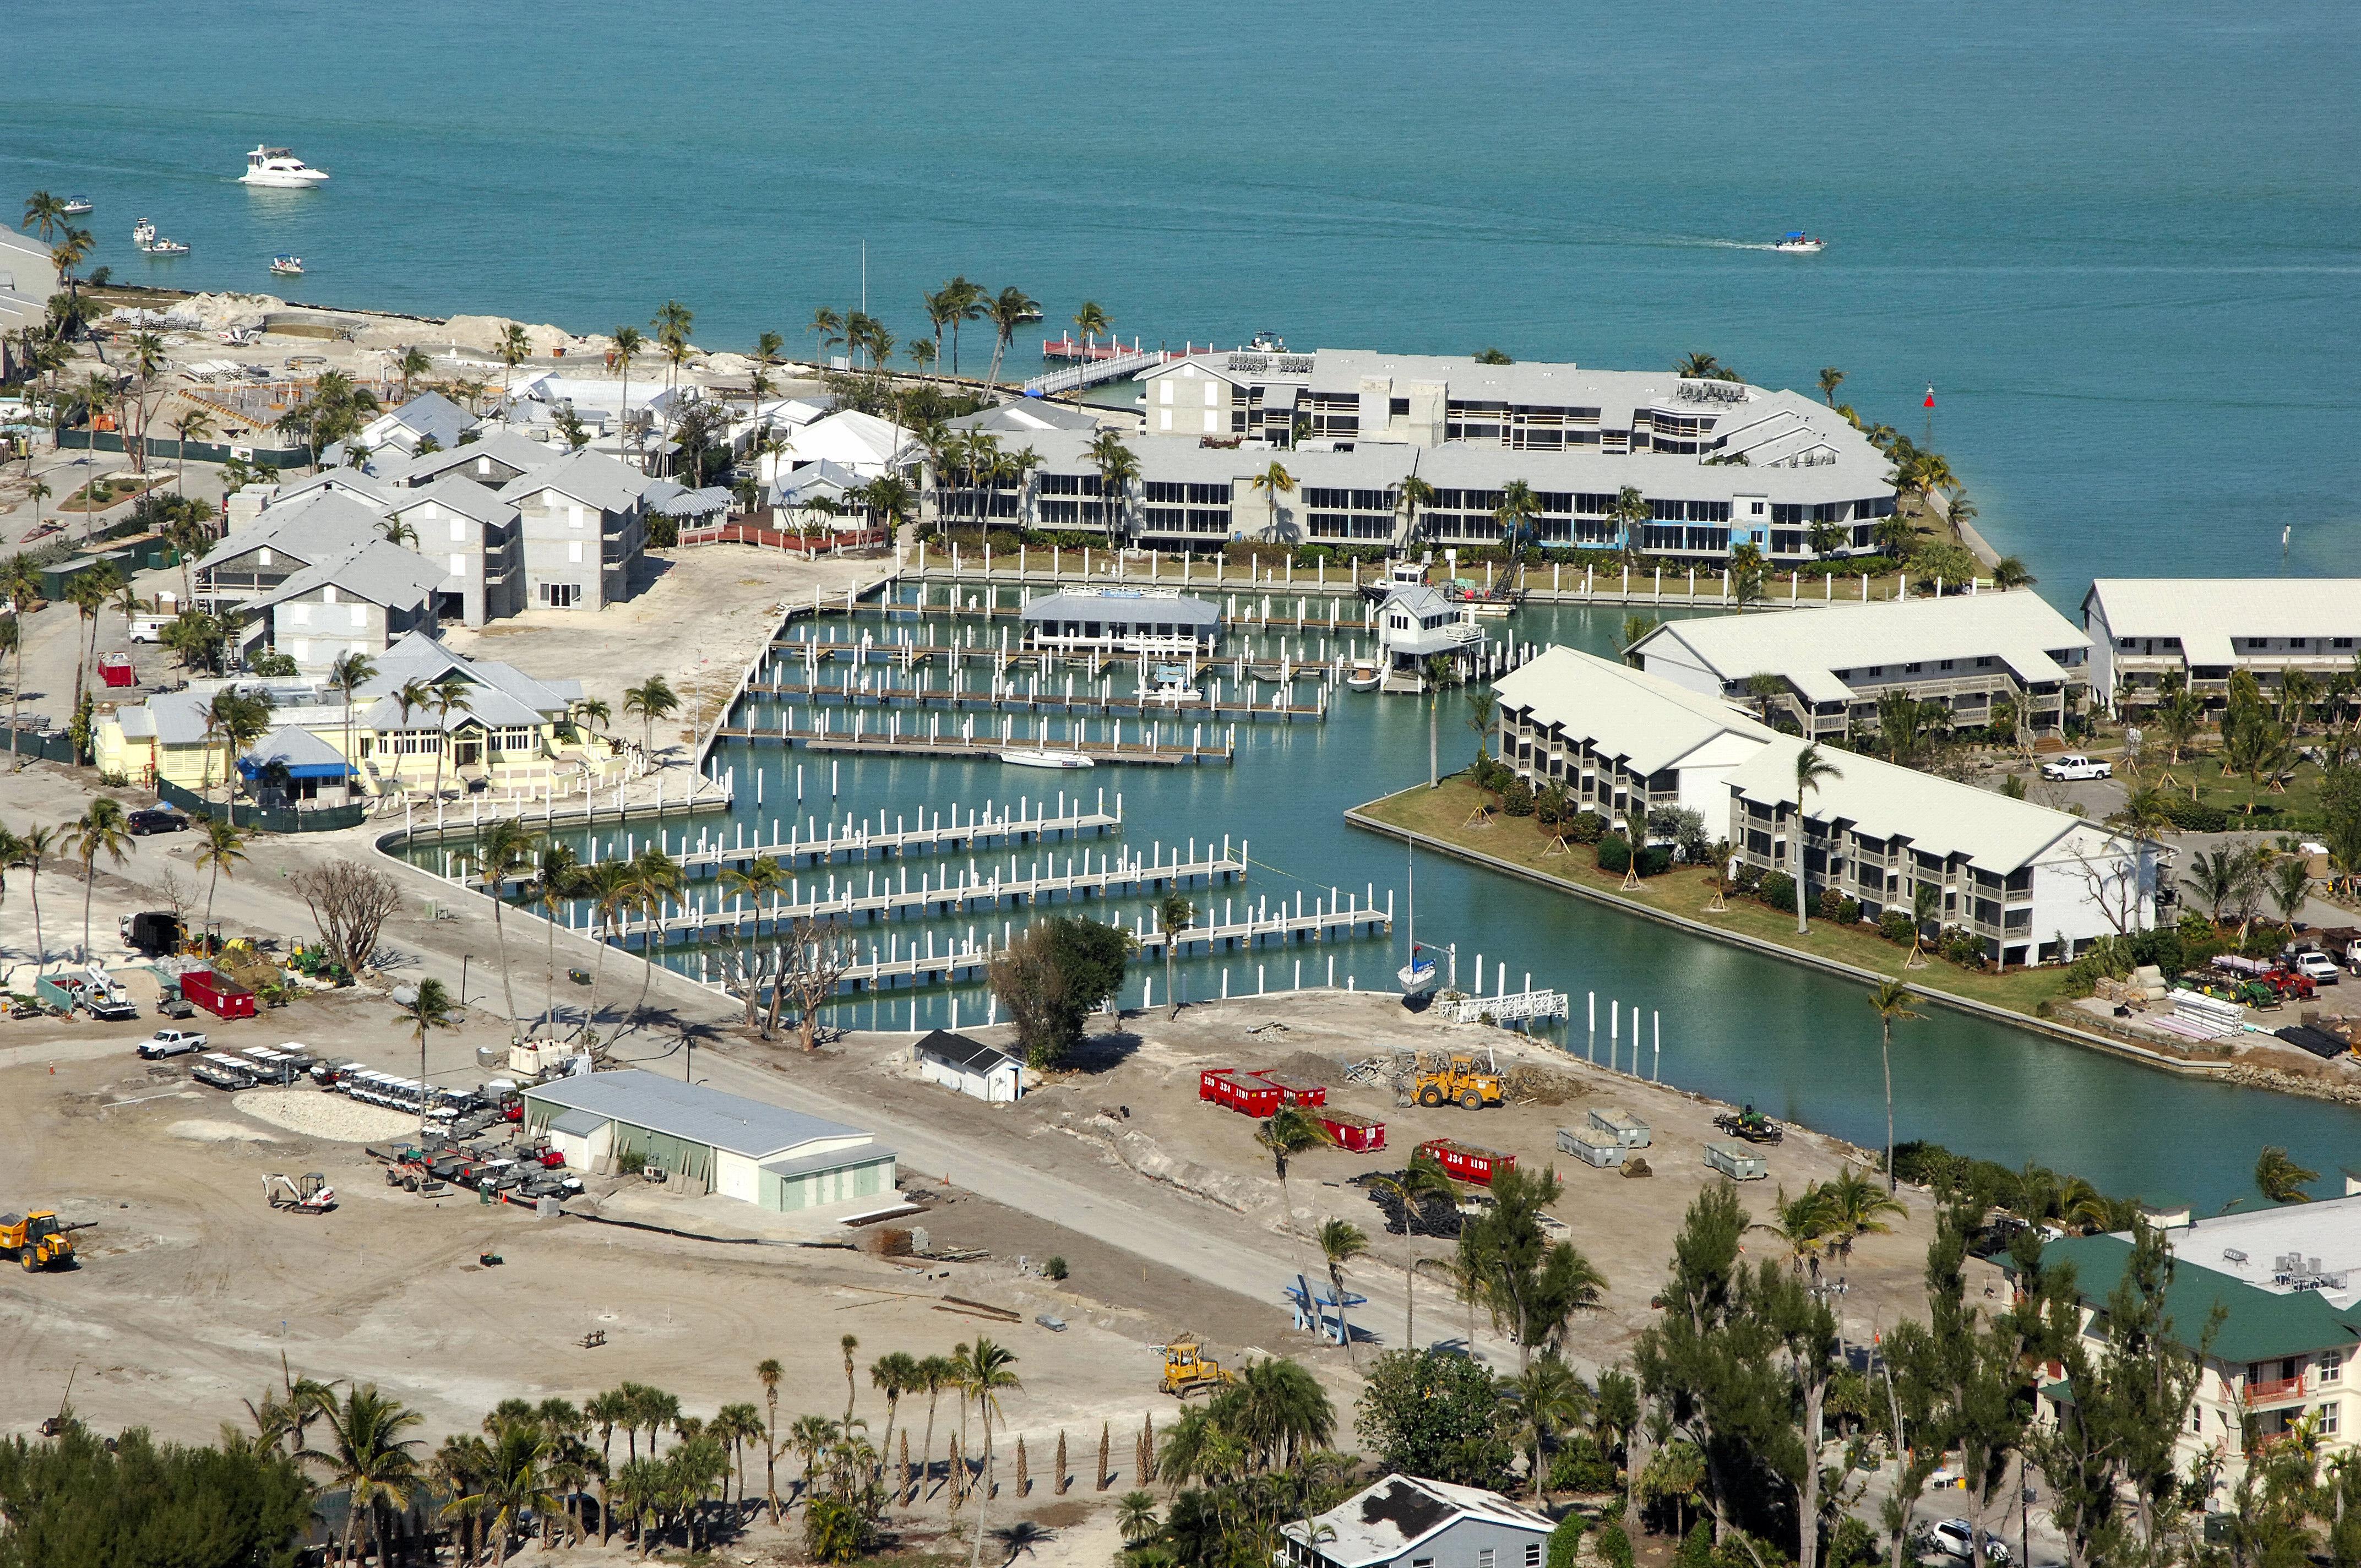 South Seas Island Resort B And B